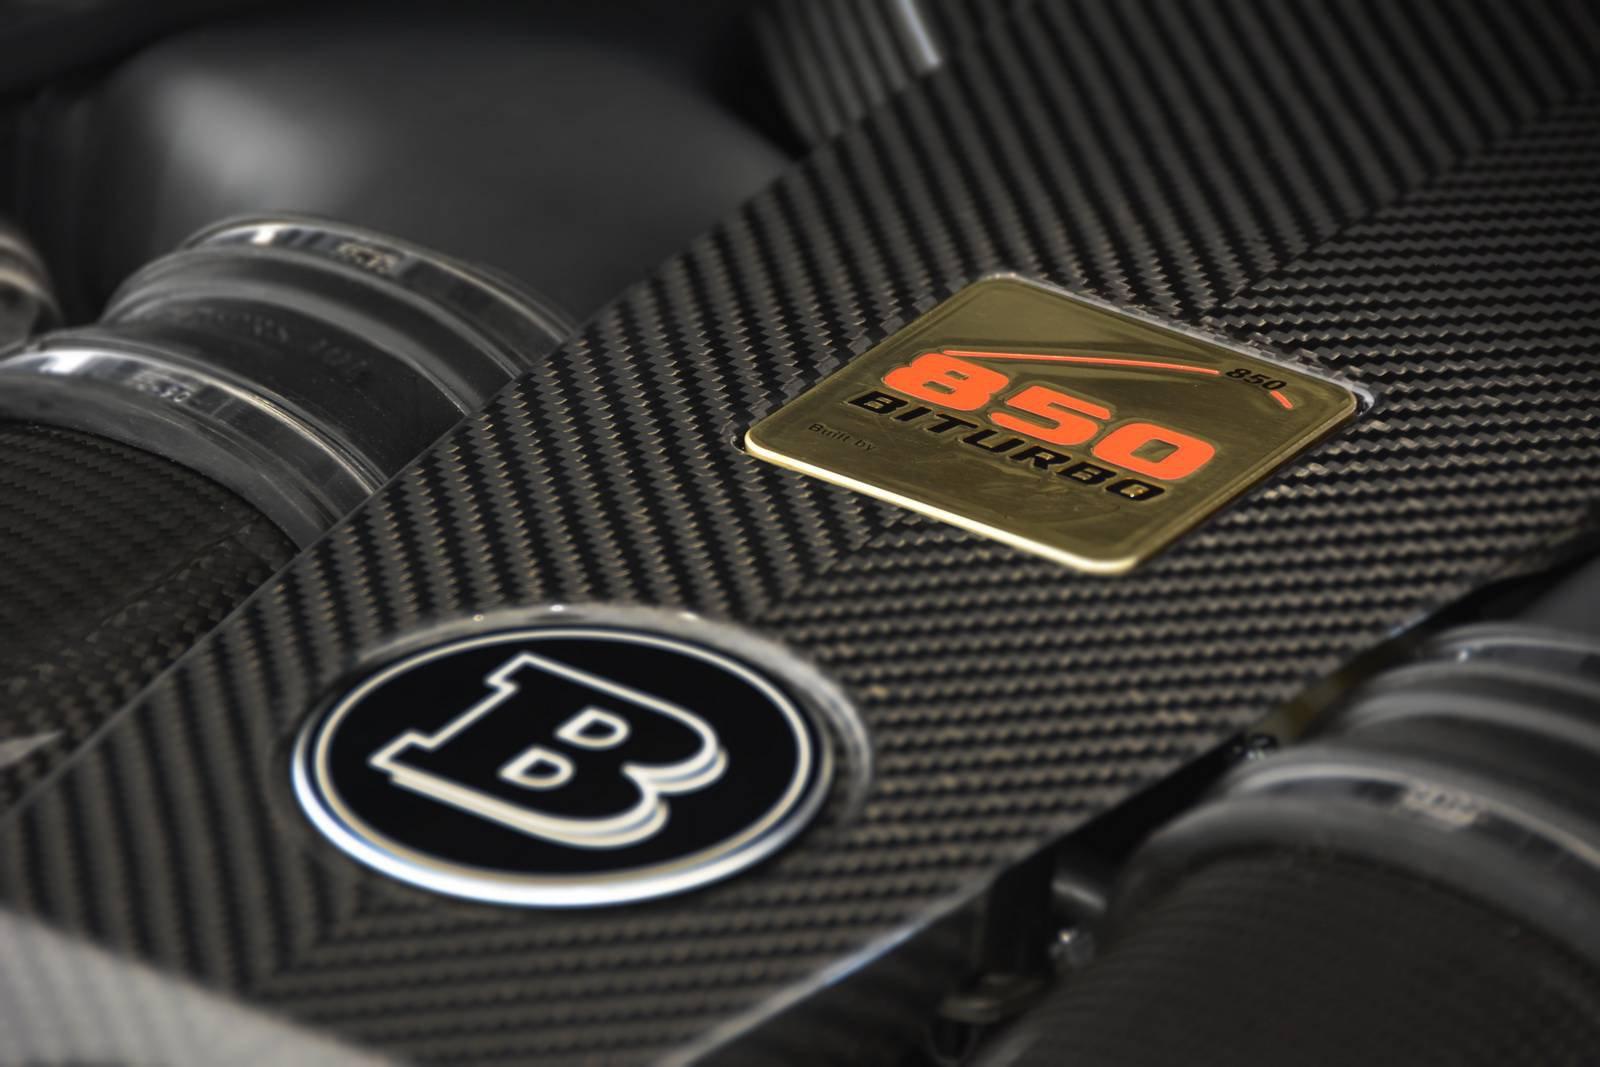 850-сильный Mercedes-AMG S63 Cabriolet от Brabus